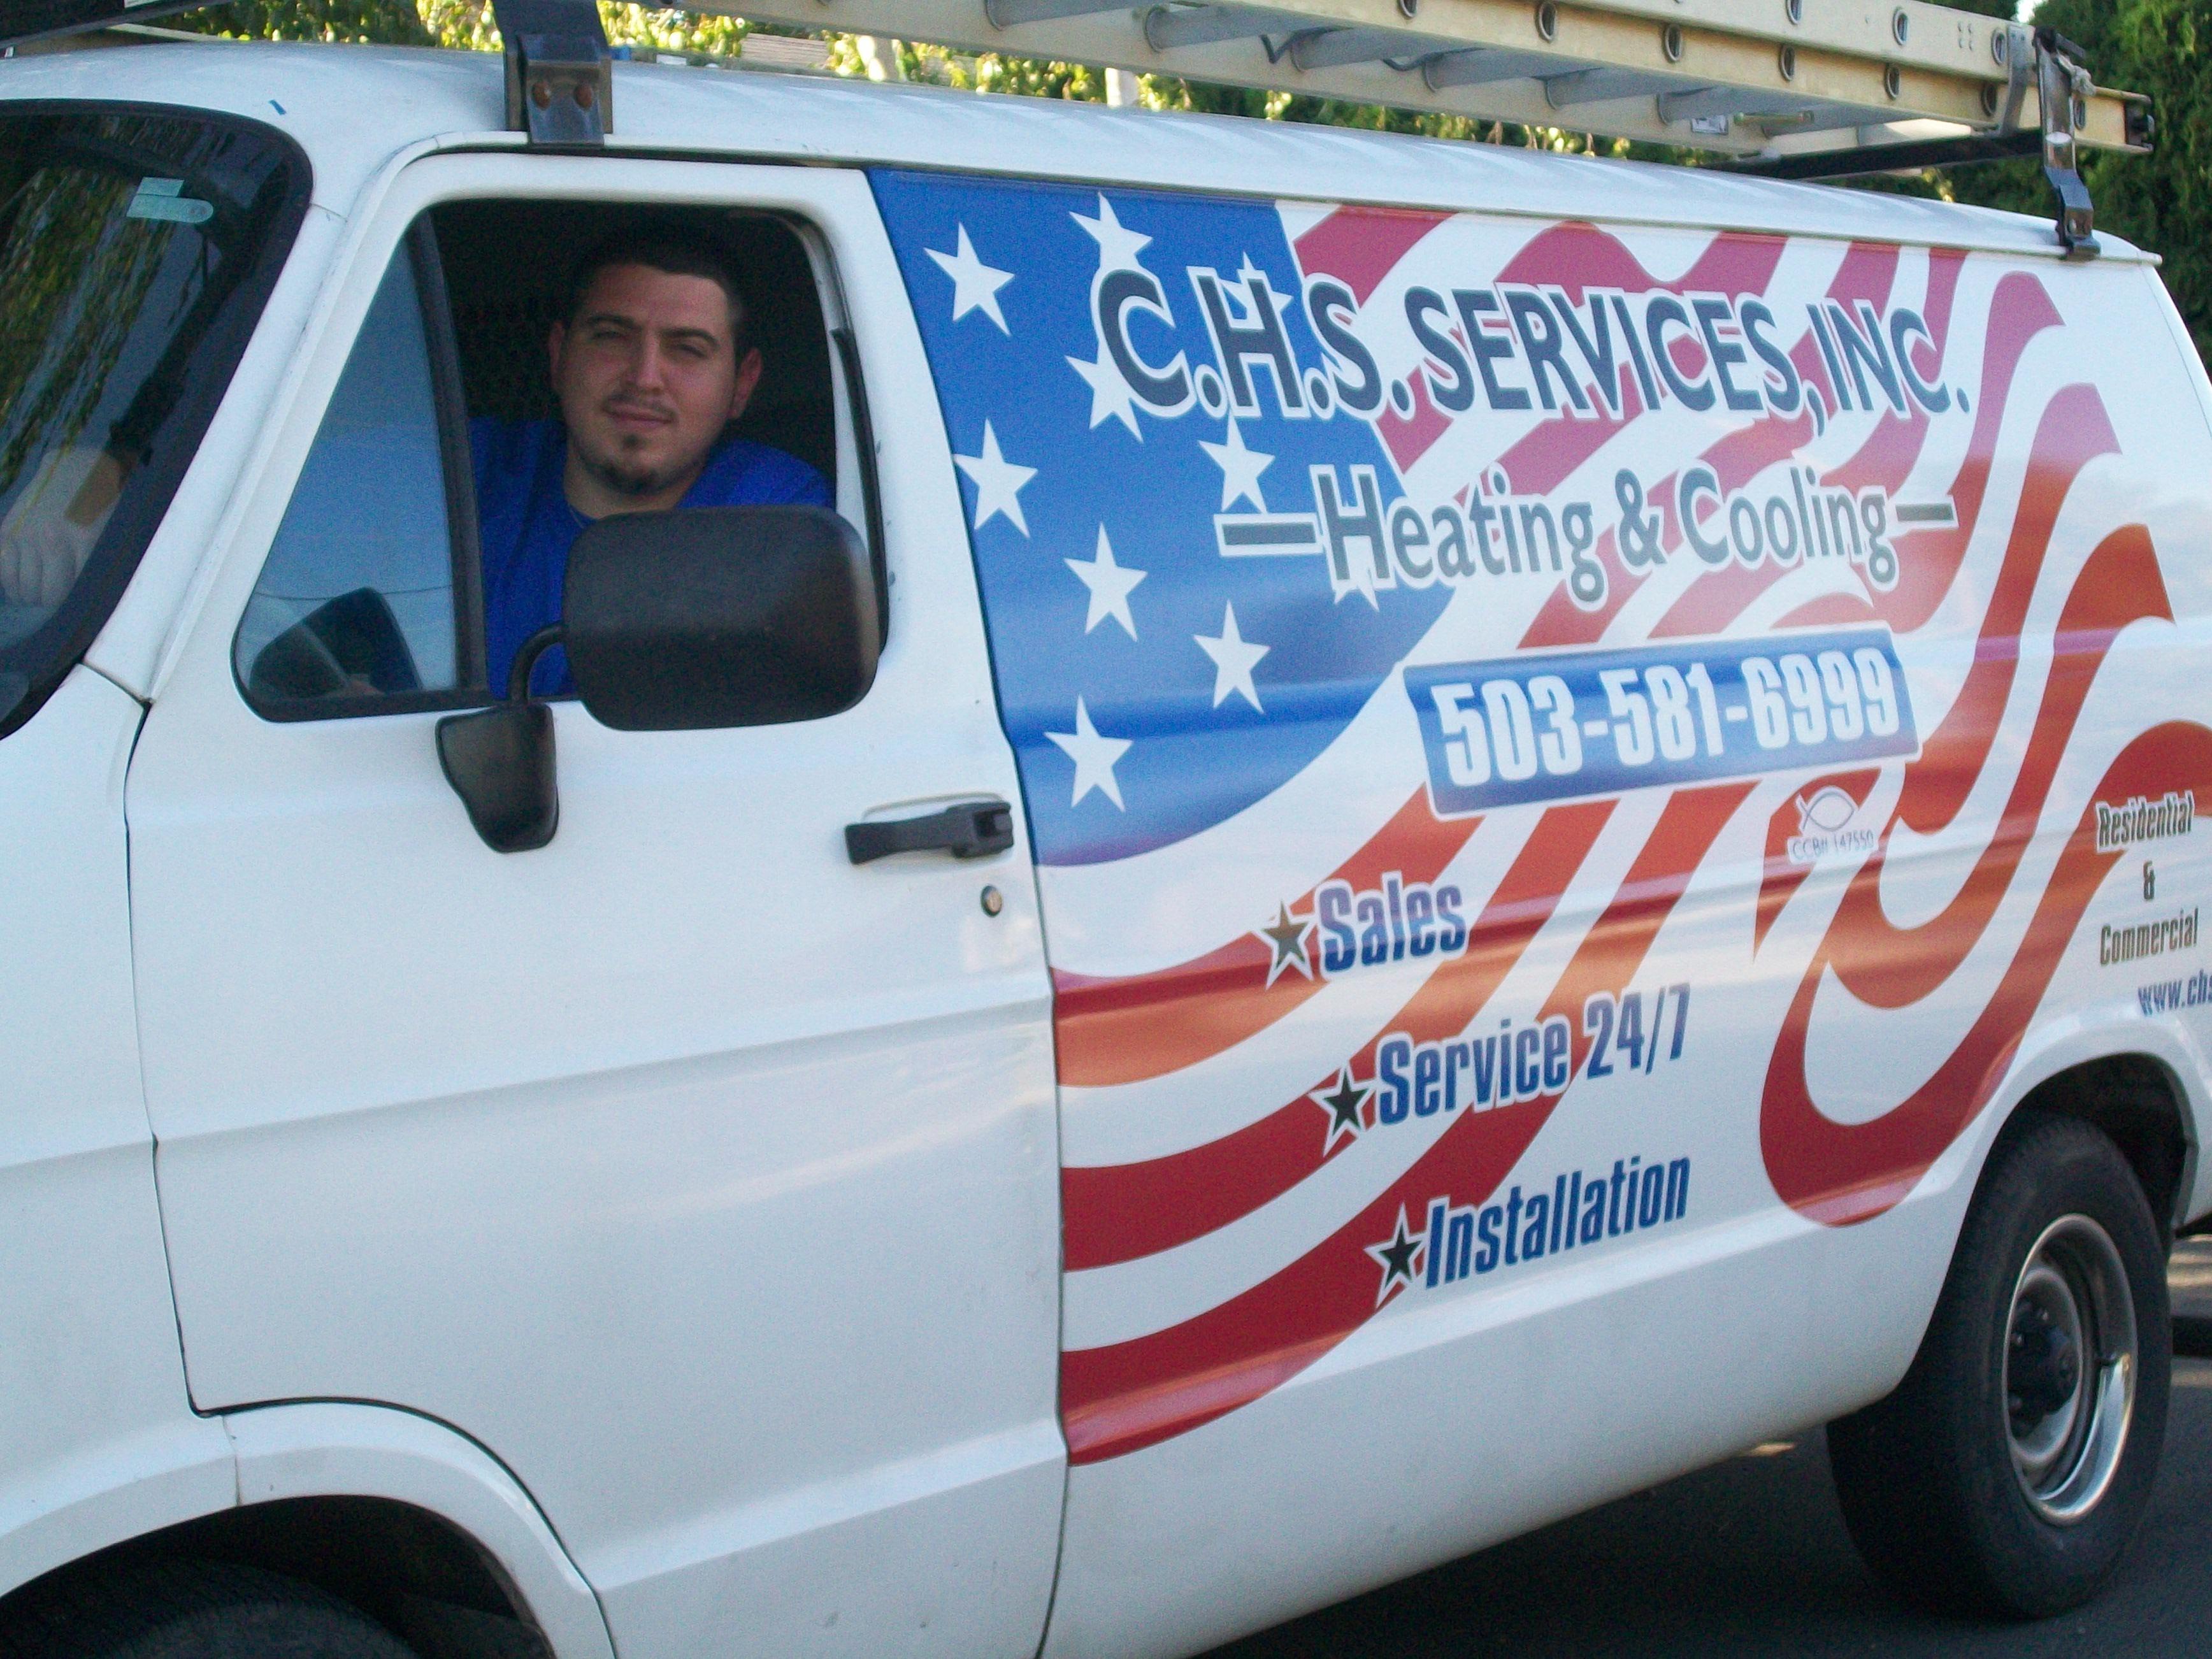 CHS Services, Inc.